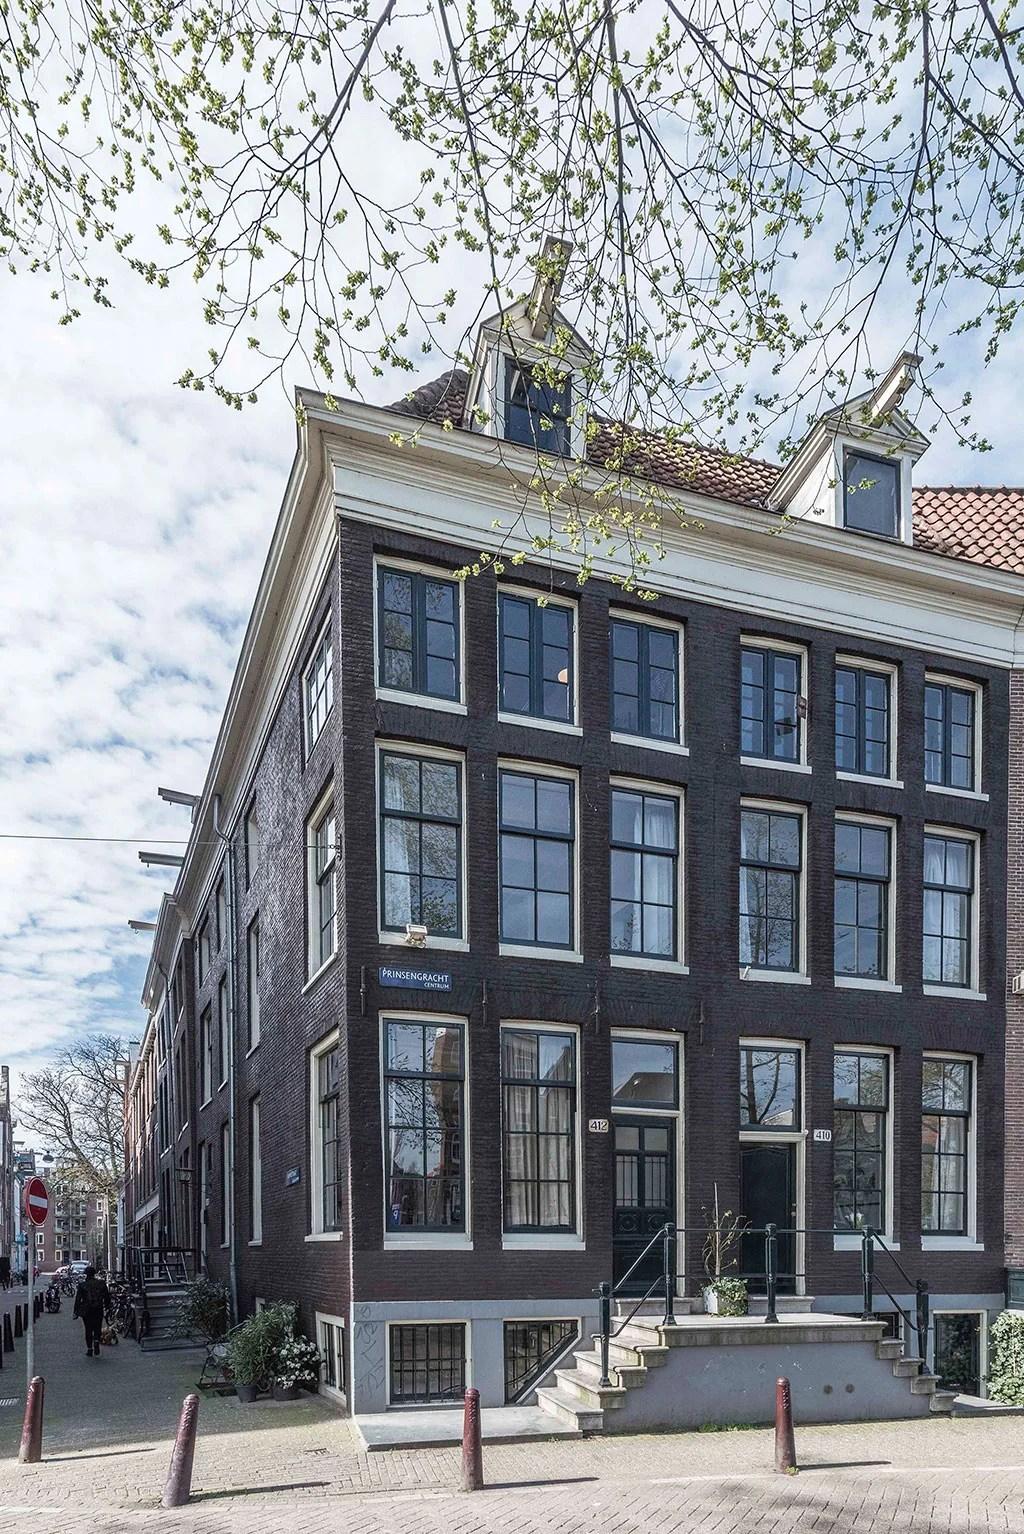 Diseño casas holandesas